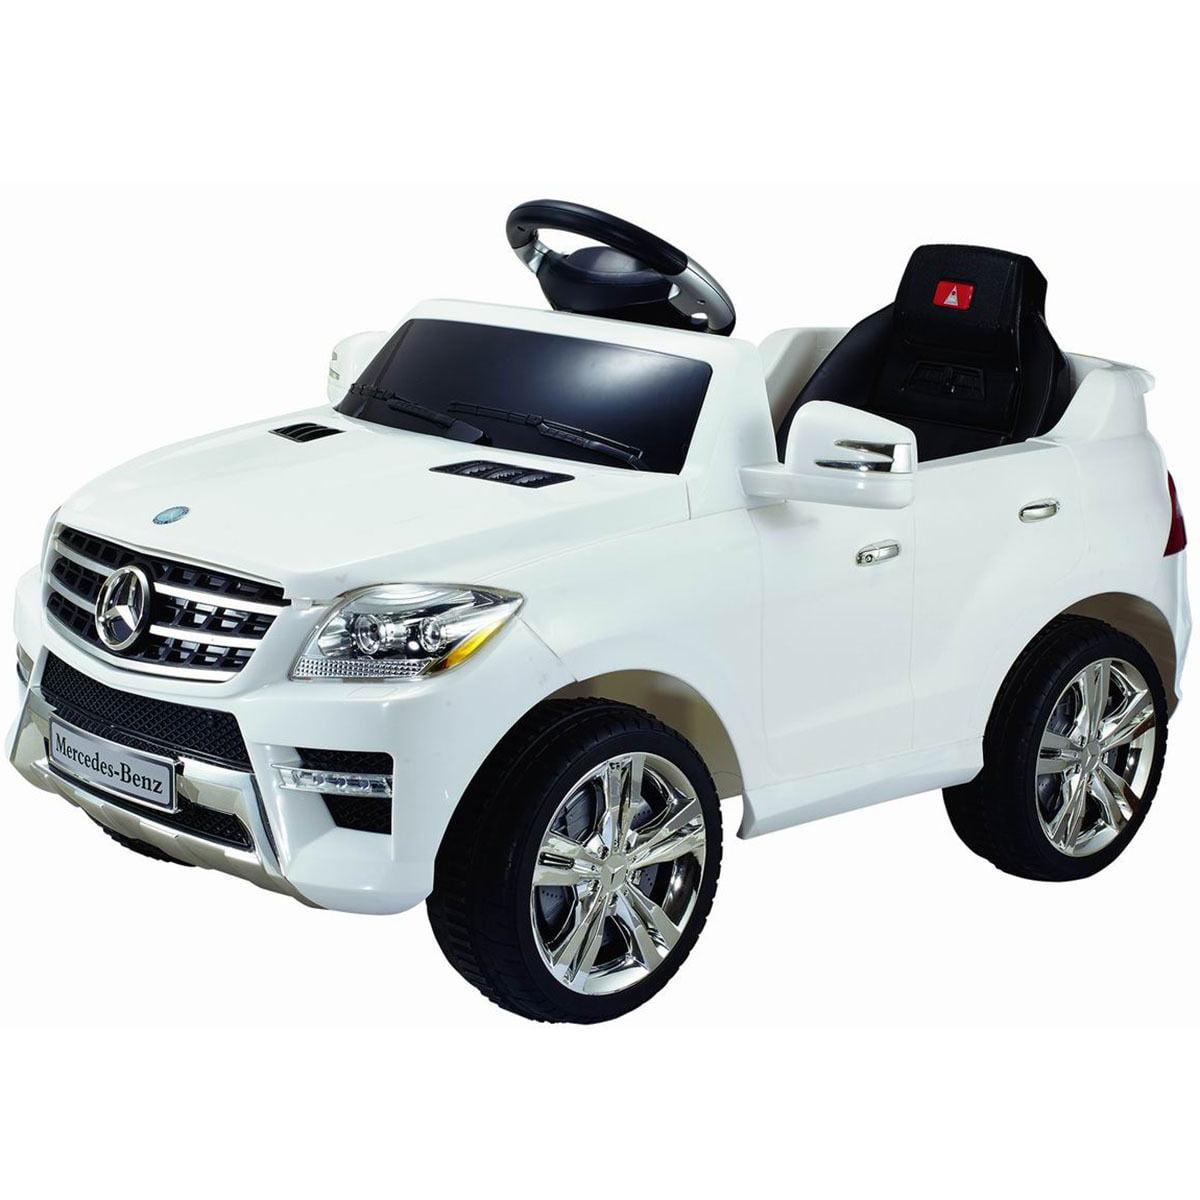 Costway Mercedes Benz Ml350 6v Electric Kids Ride On Car Licensed Mp3 Rc Remote Control Walmart Com Walmart Com